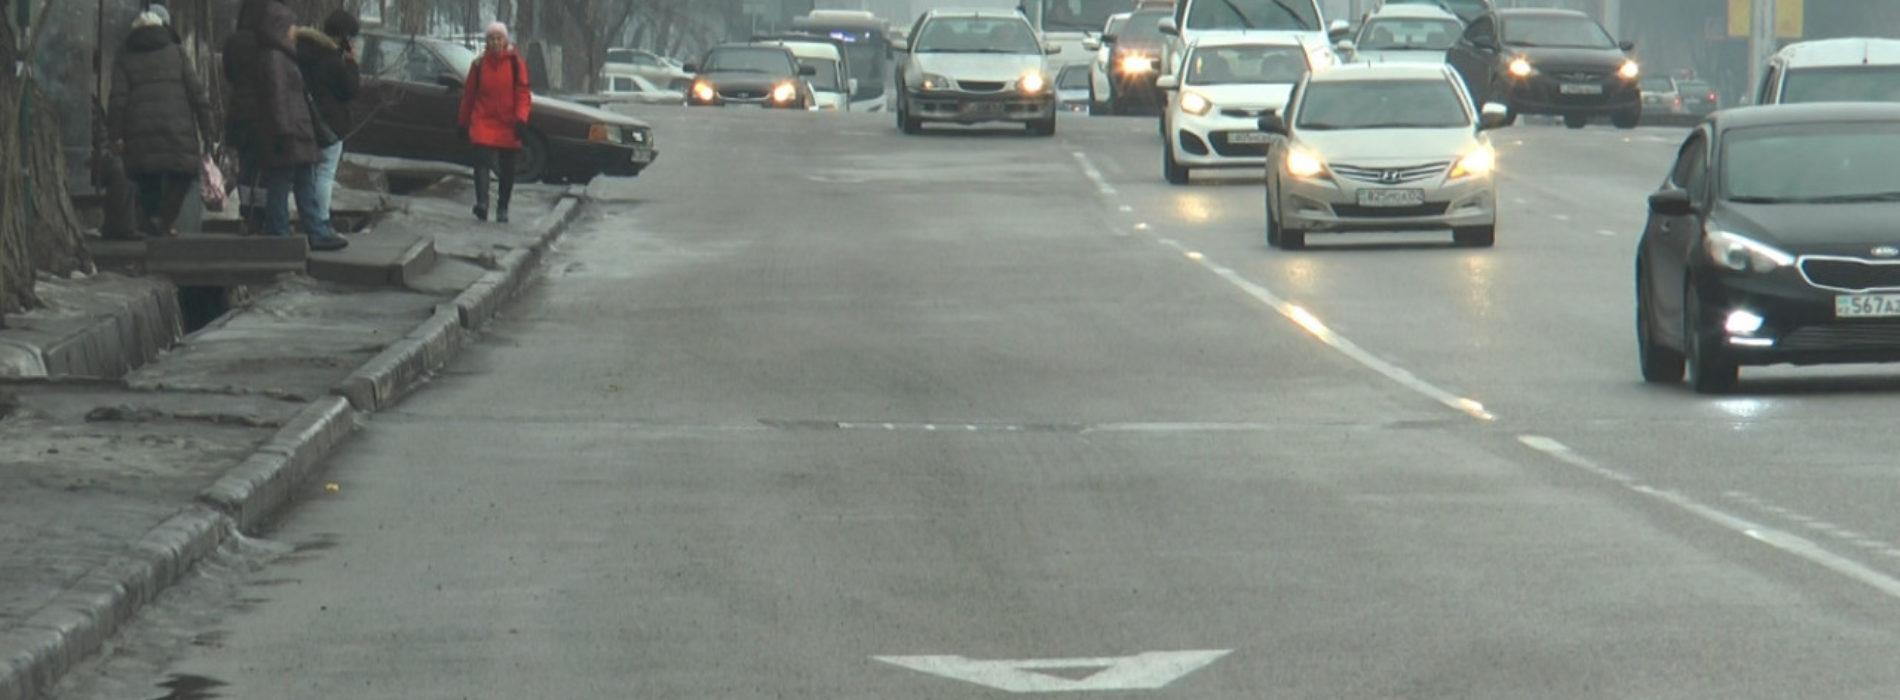 Полиция Алматы составила рейтинг дорог с «выделенками», где чаще всего нарушают